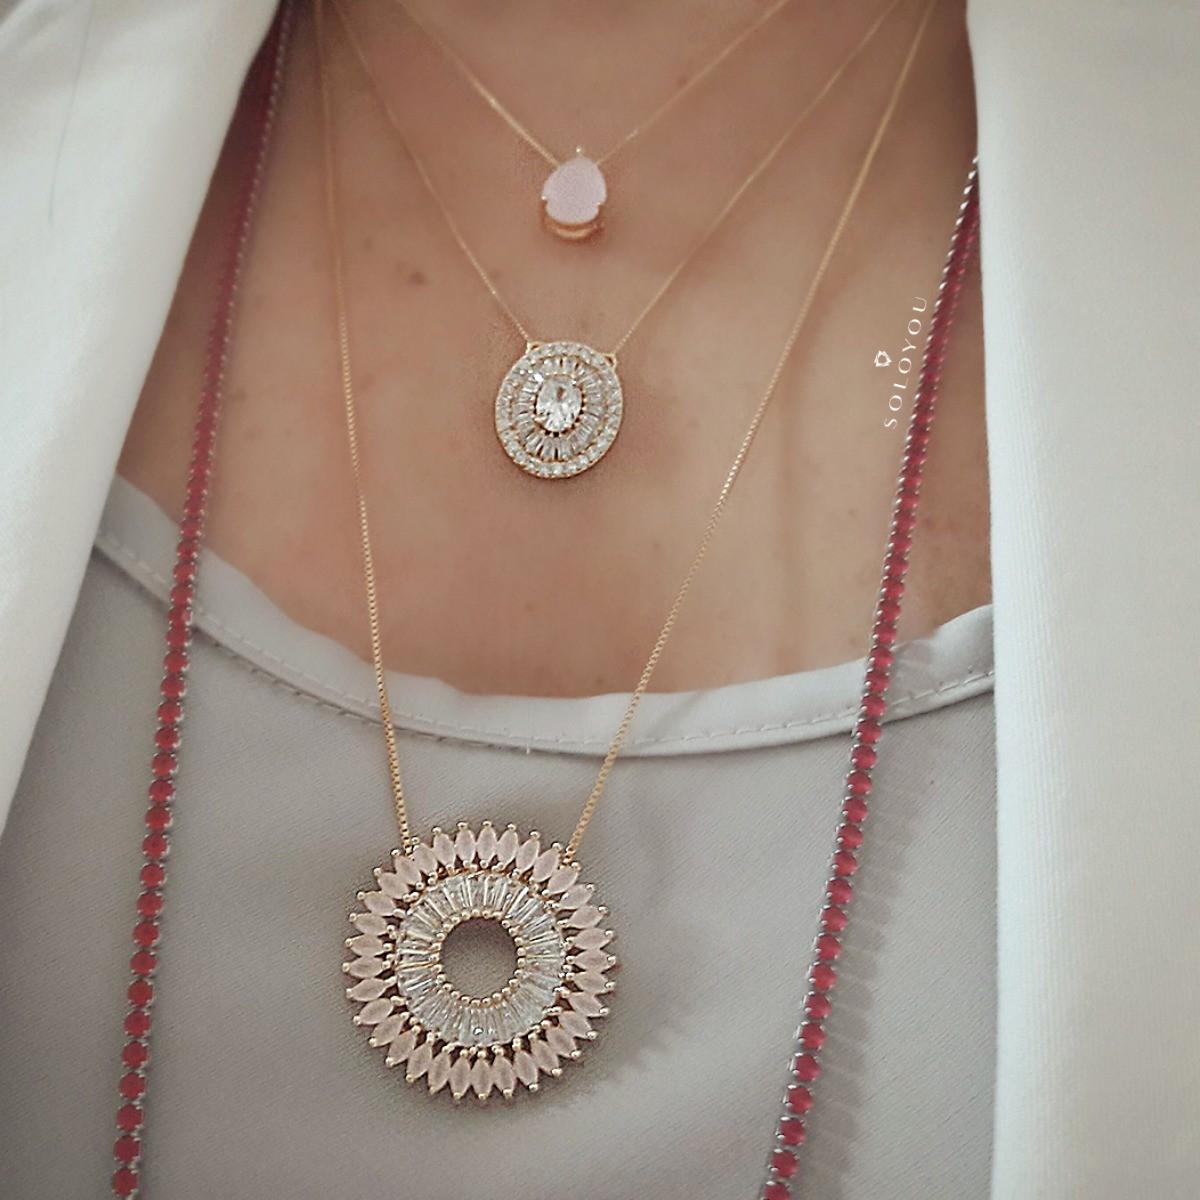 Mandala de Zircônias Quartzo Rosa Leitoso e Branca Brilhante Semijoia em Ouro 18K  - Soloyou